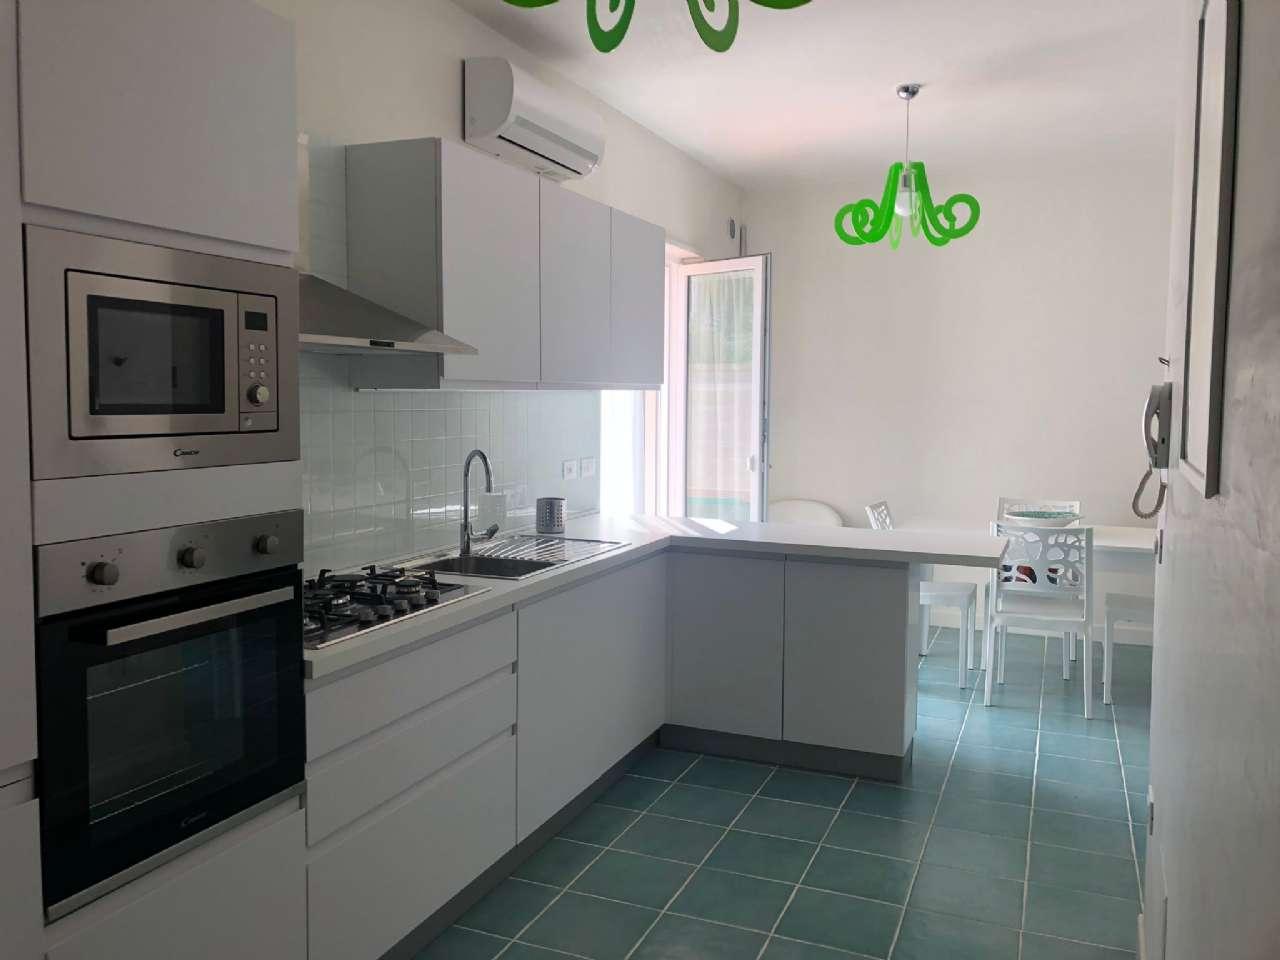 Casa indipendente, Via Giovanni Saracino, zona mare, Maruggio, foto 6